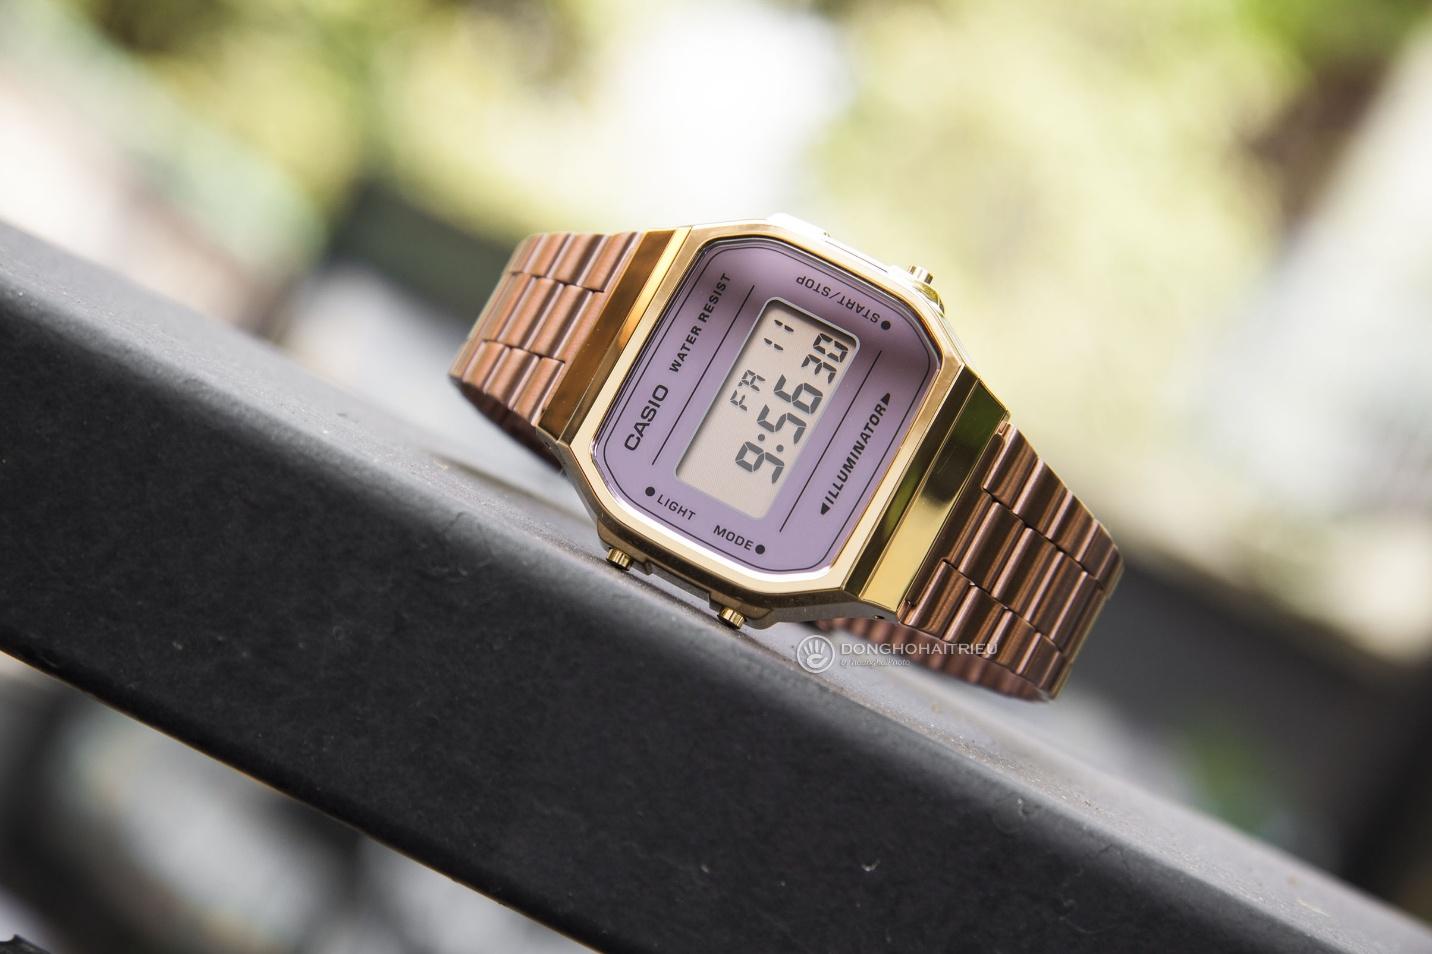 Trọn BST đồng hồ Casio Gold và Rose Gold đang hot xình xịch - Ảnh 4.